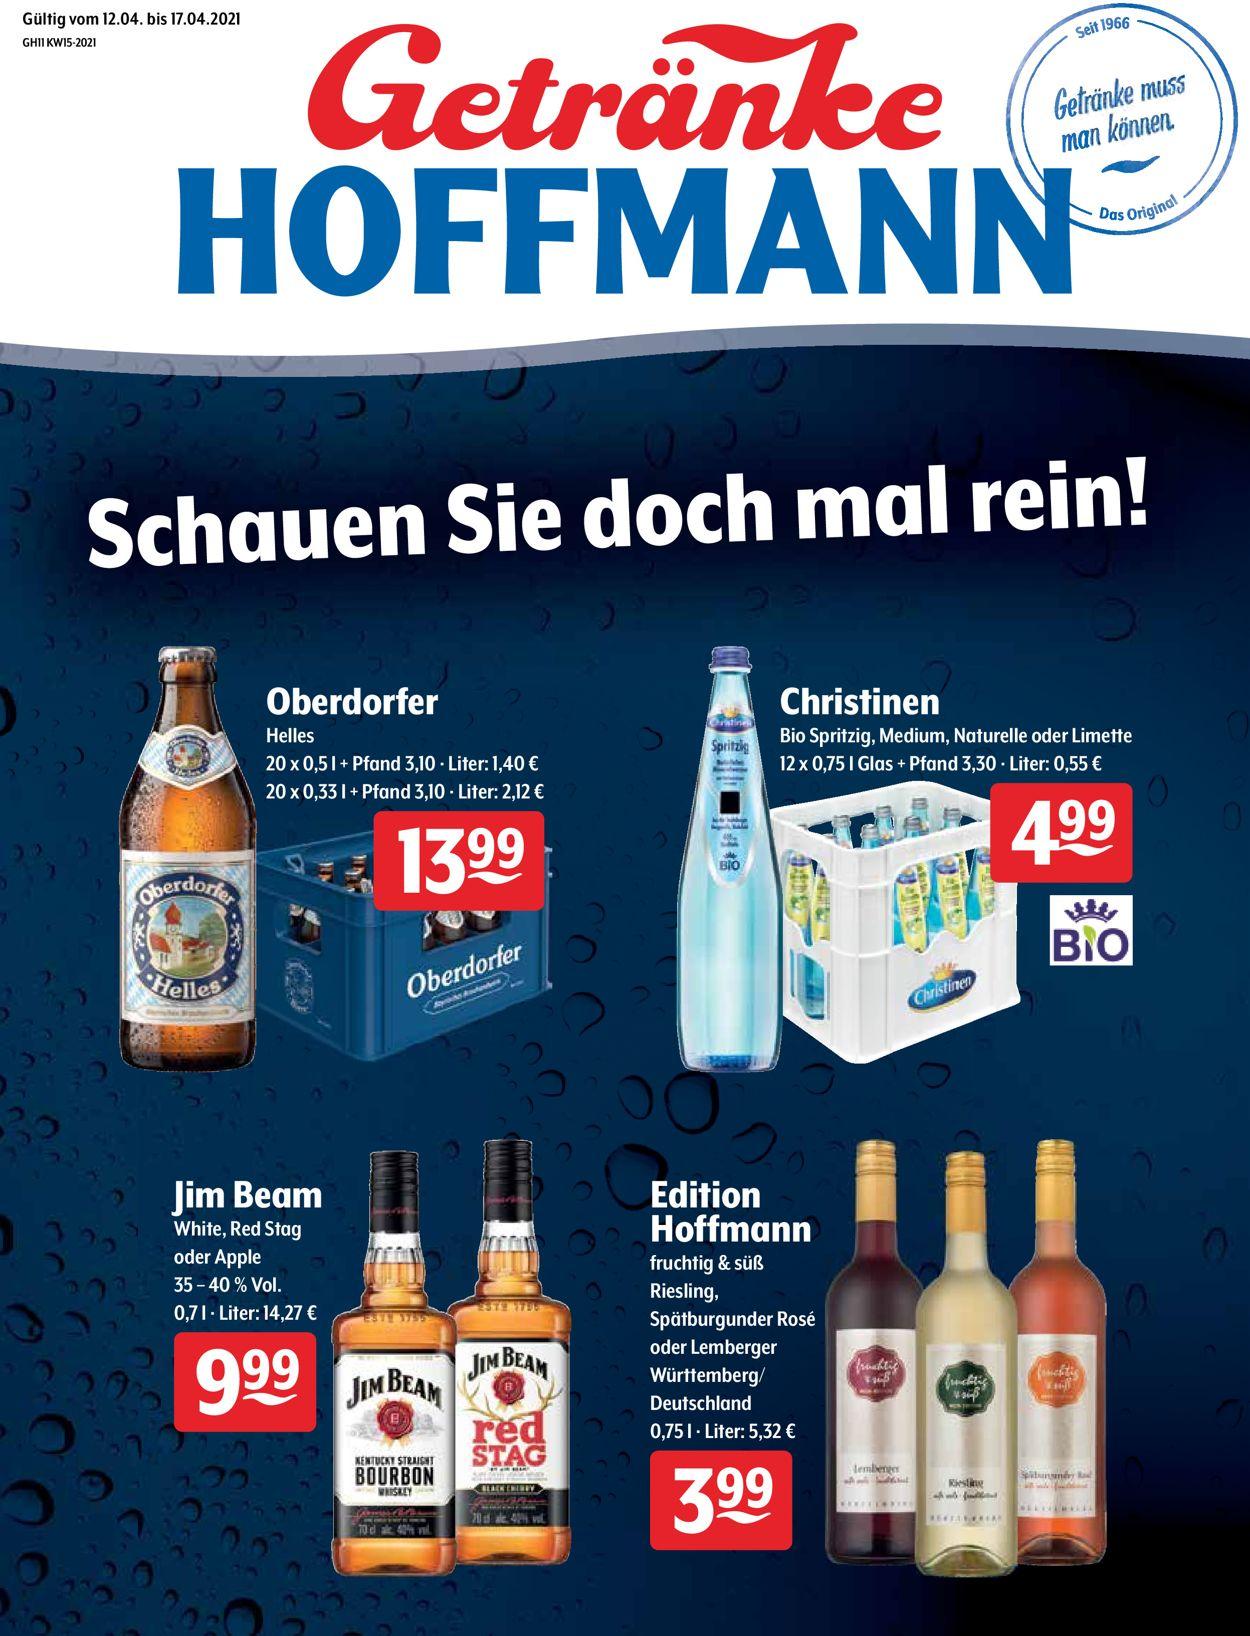 Getränke Hoffmann Prospekt - Aktuell vom 12.04-17.04.2021